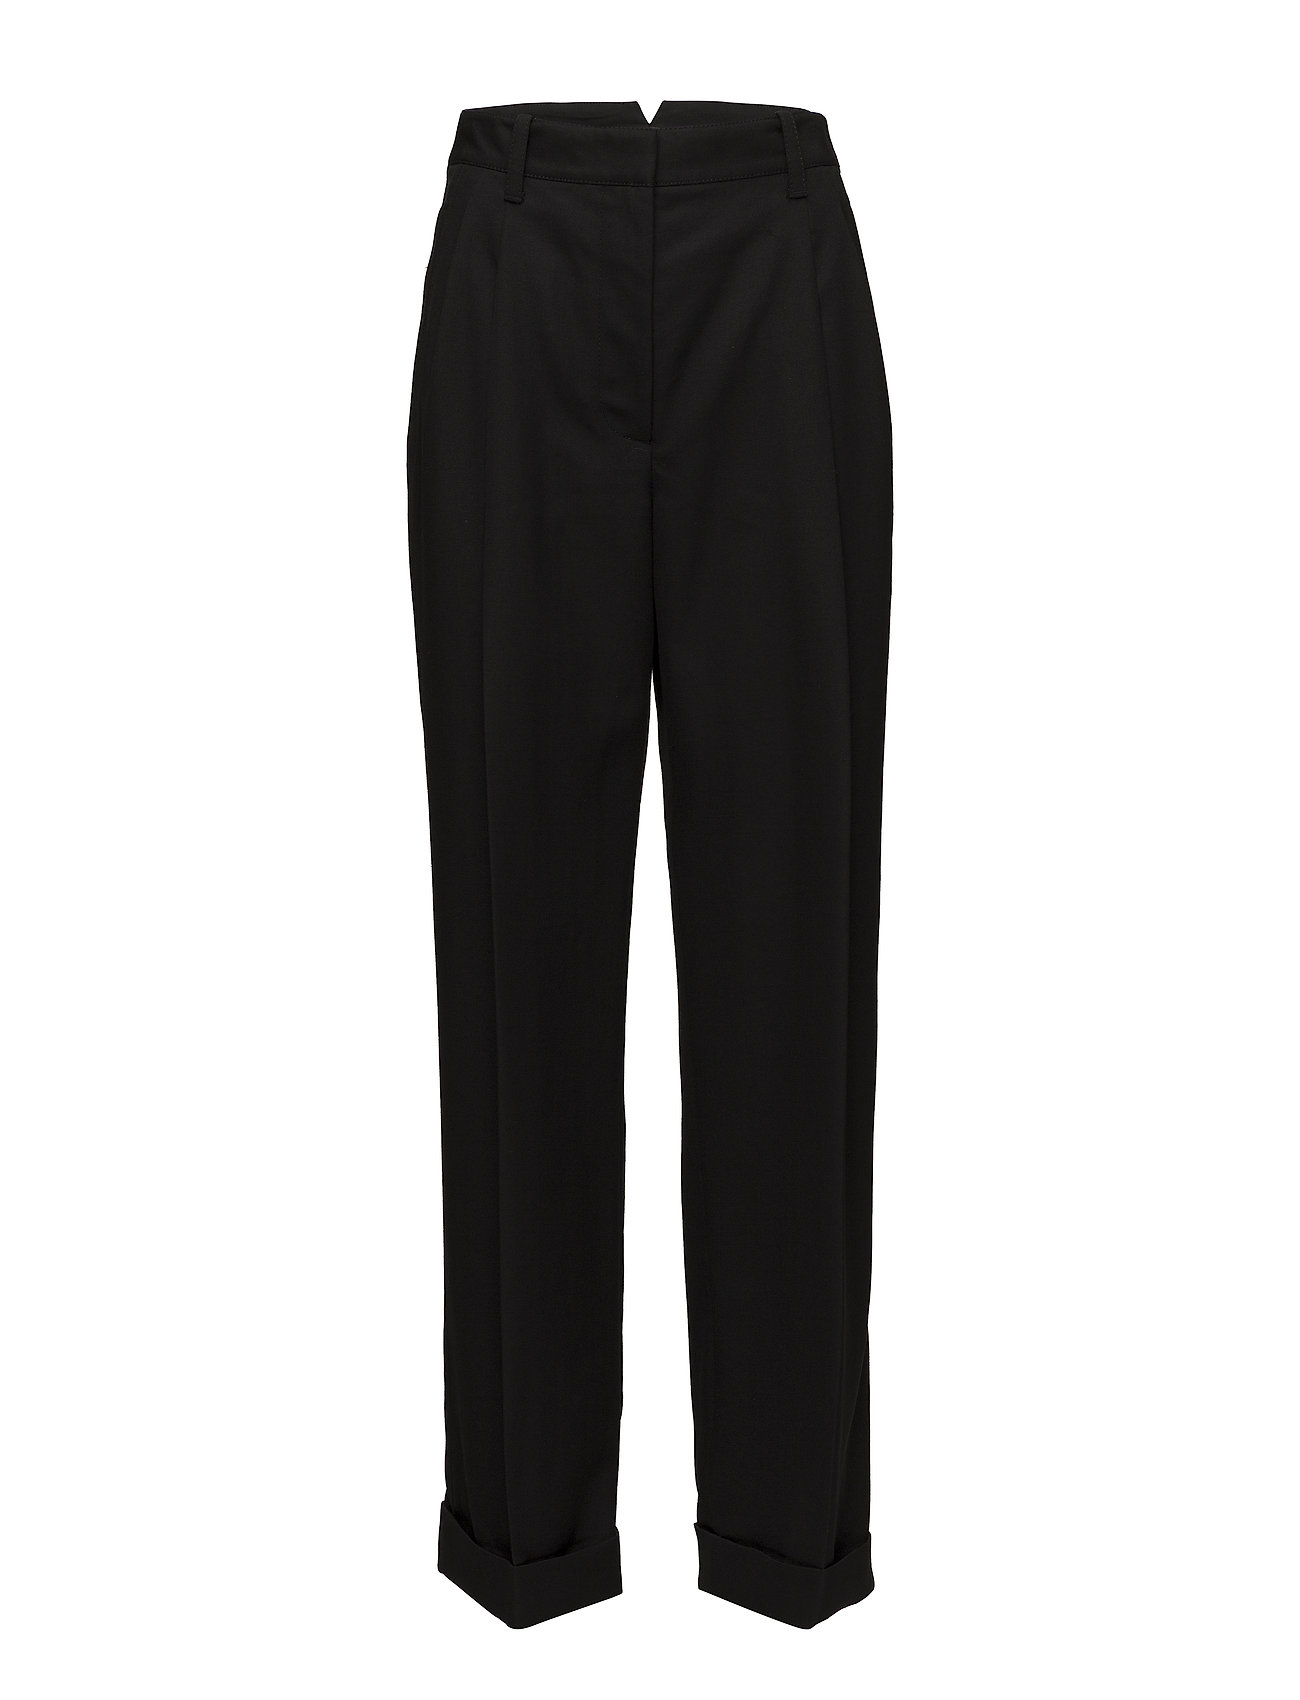 Image of Baggy Tailored Pant Bukser Med Lige Ben Sort 3.1 PHILLIP LIM (3059819973)